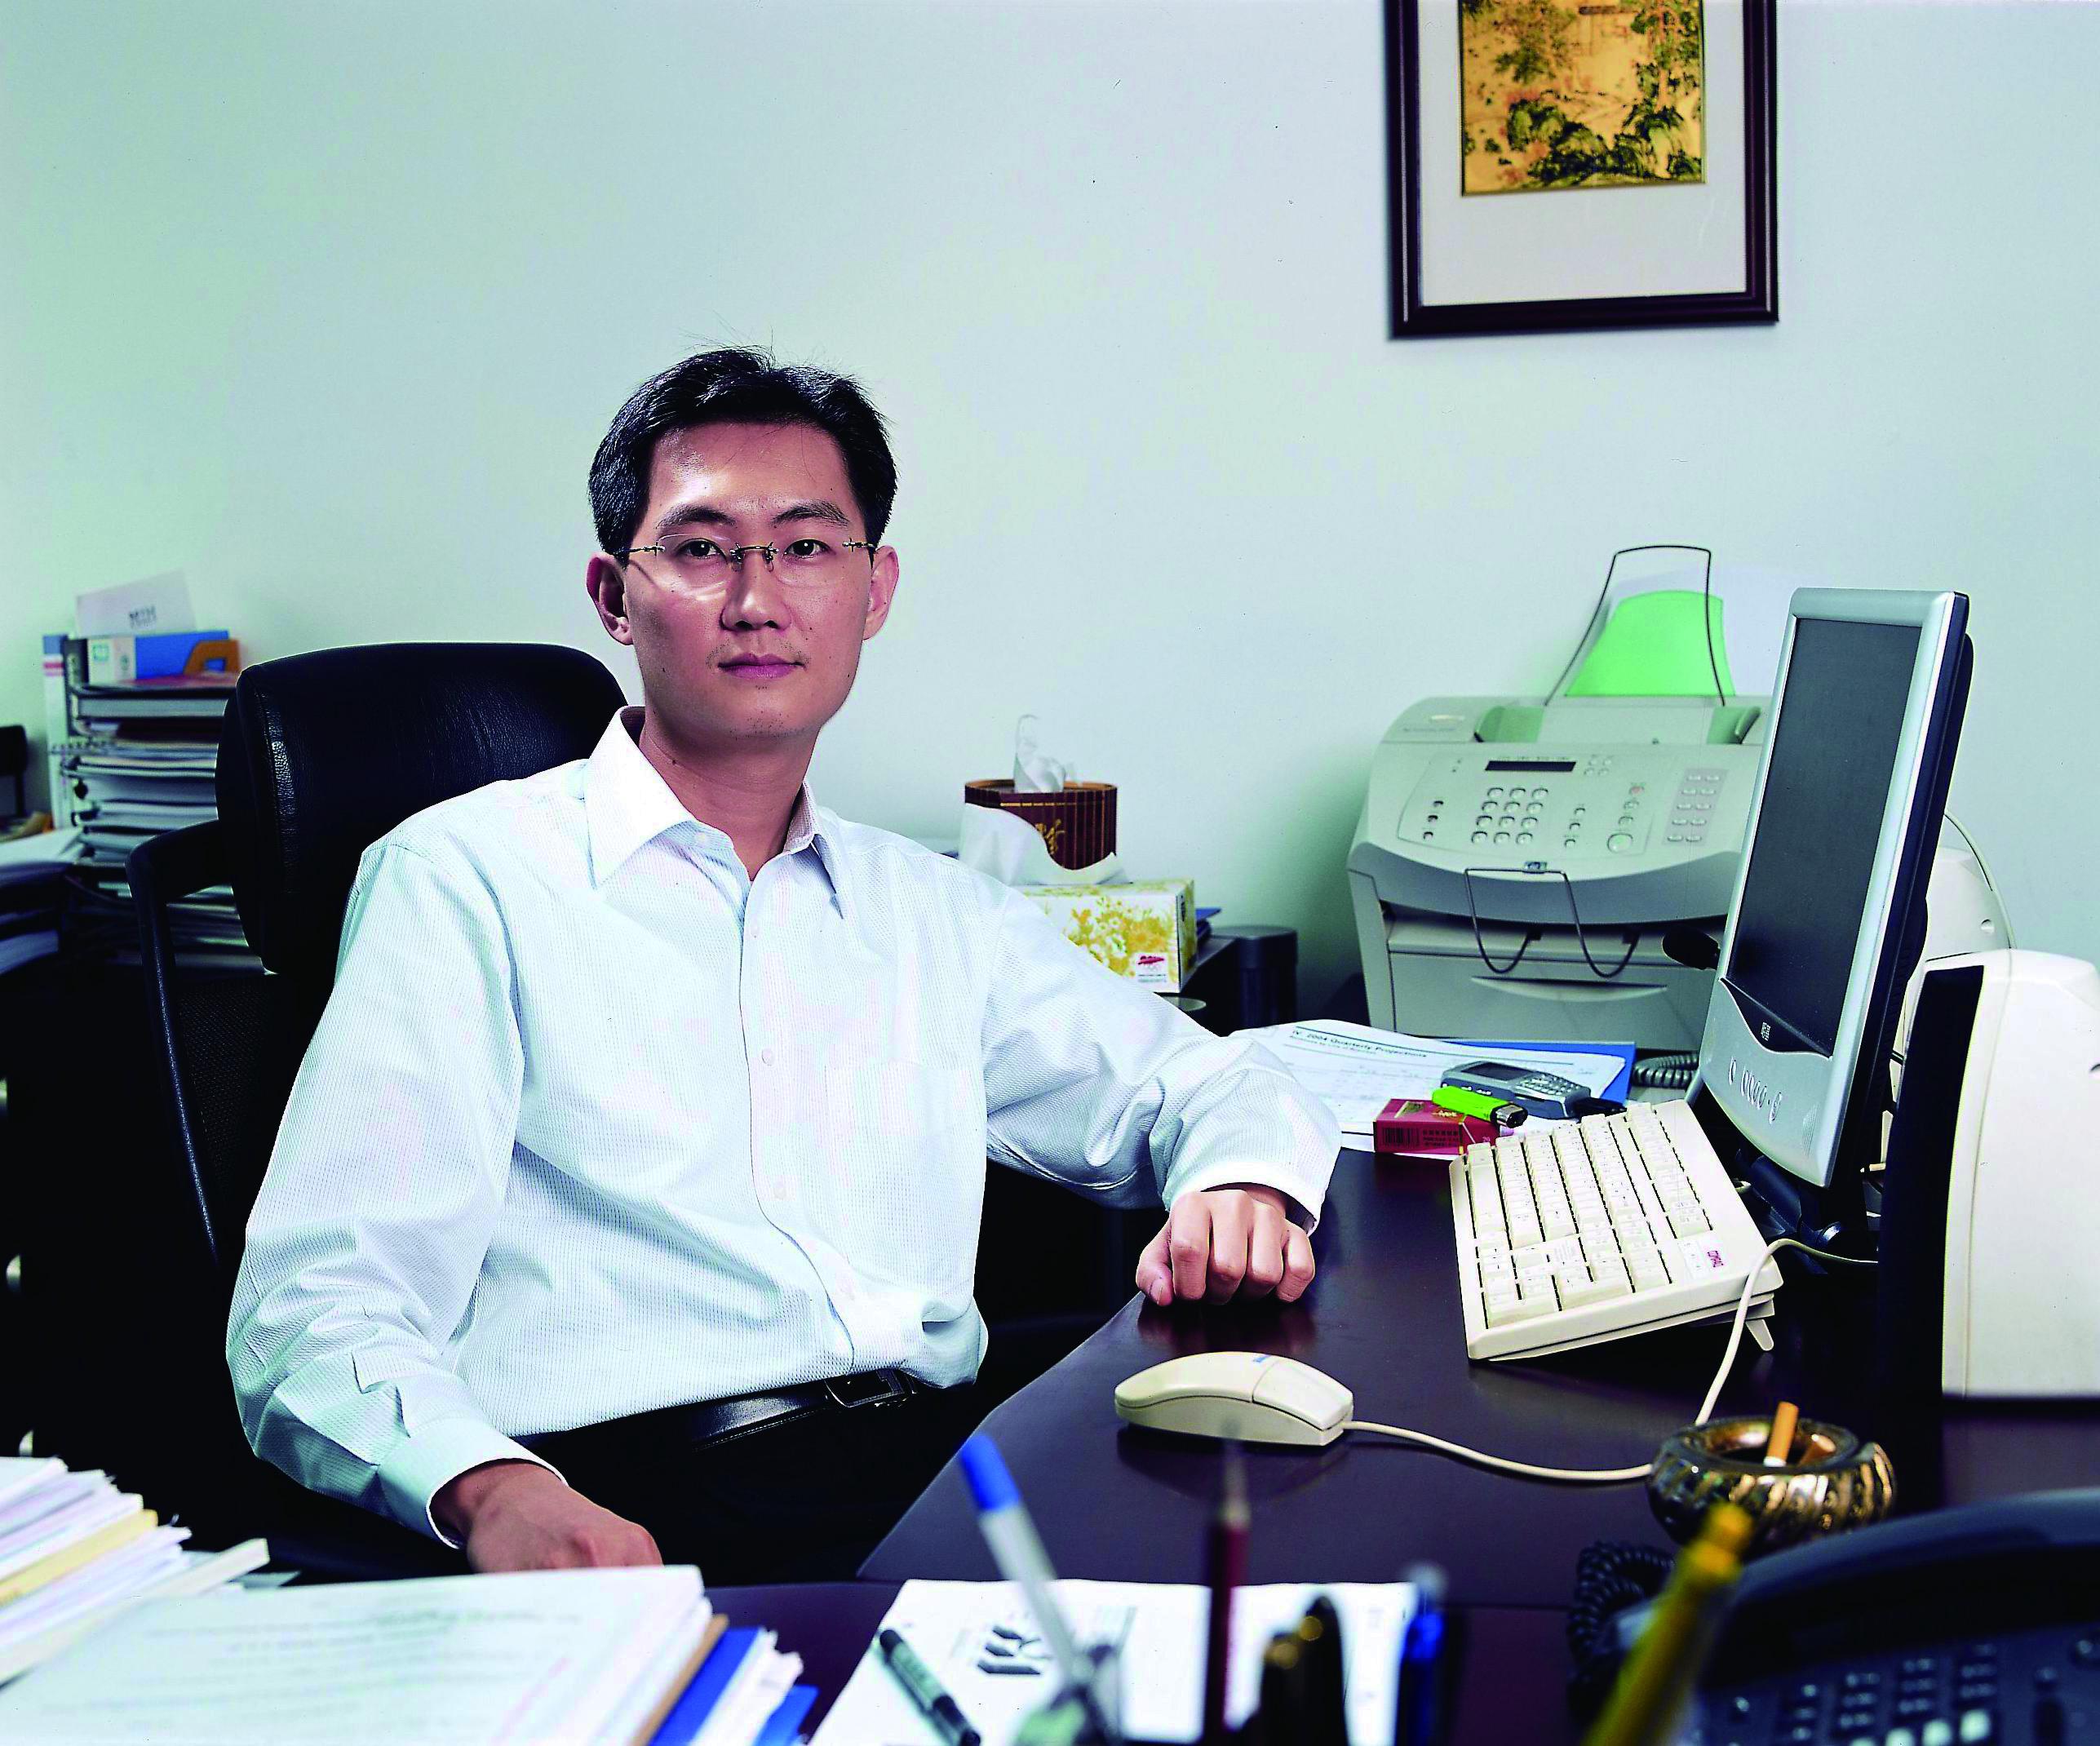 2004年前,马化腾在位于赛格科技创业园的办公室中工作。